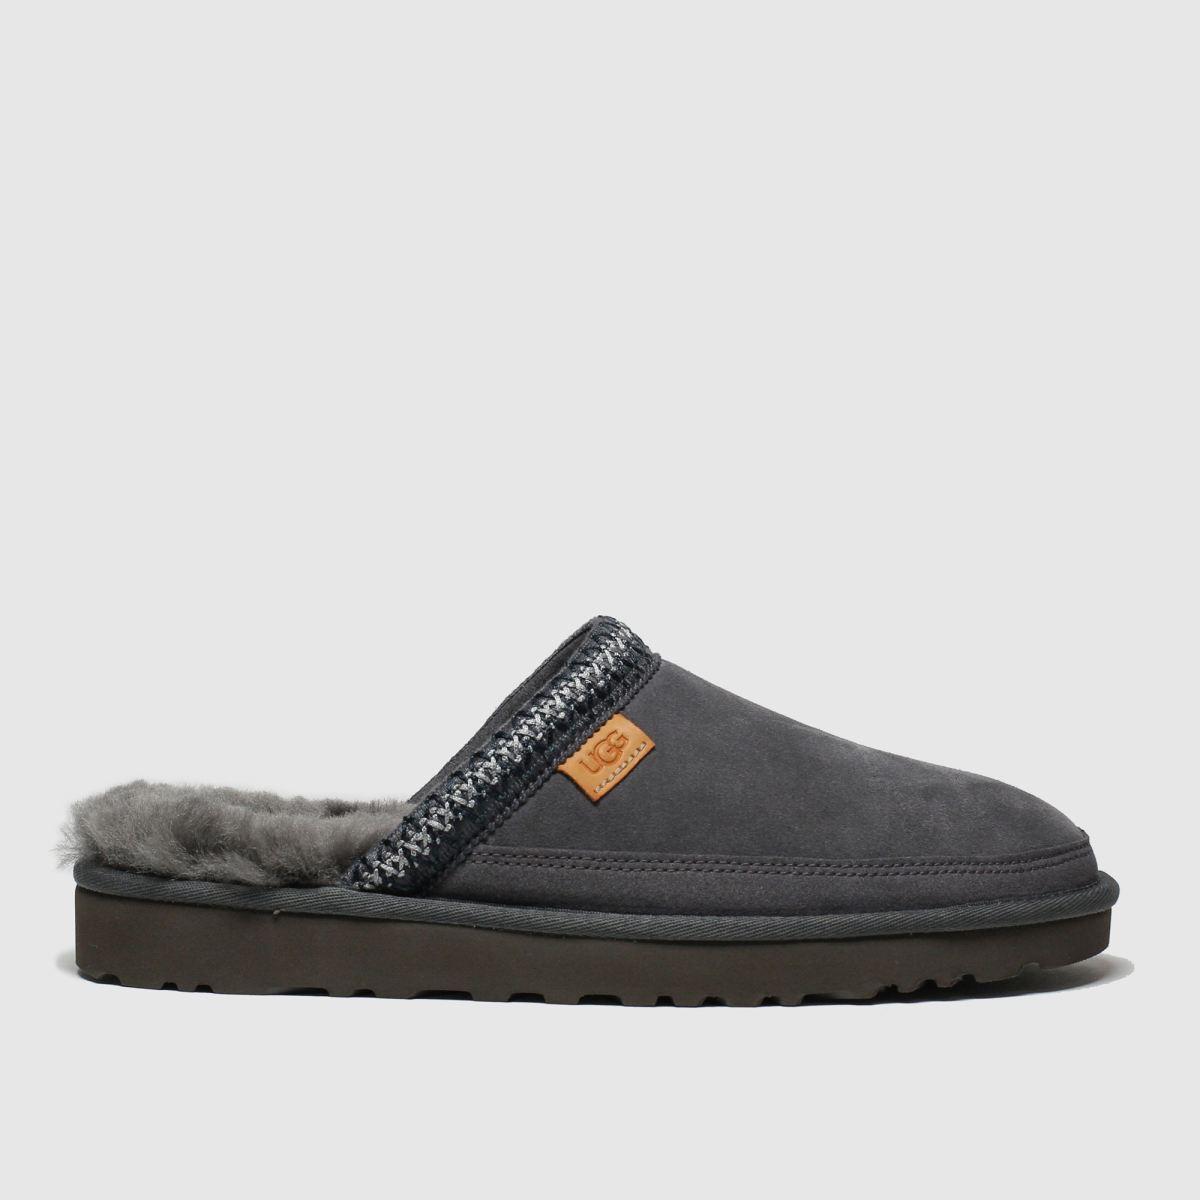 Ugg Dark Grey Tasman Slip-on Slippers